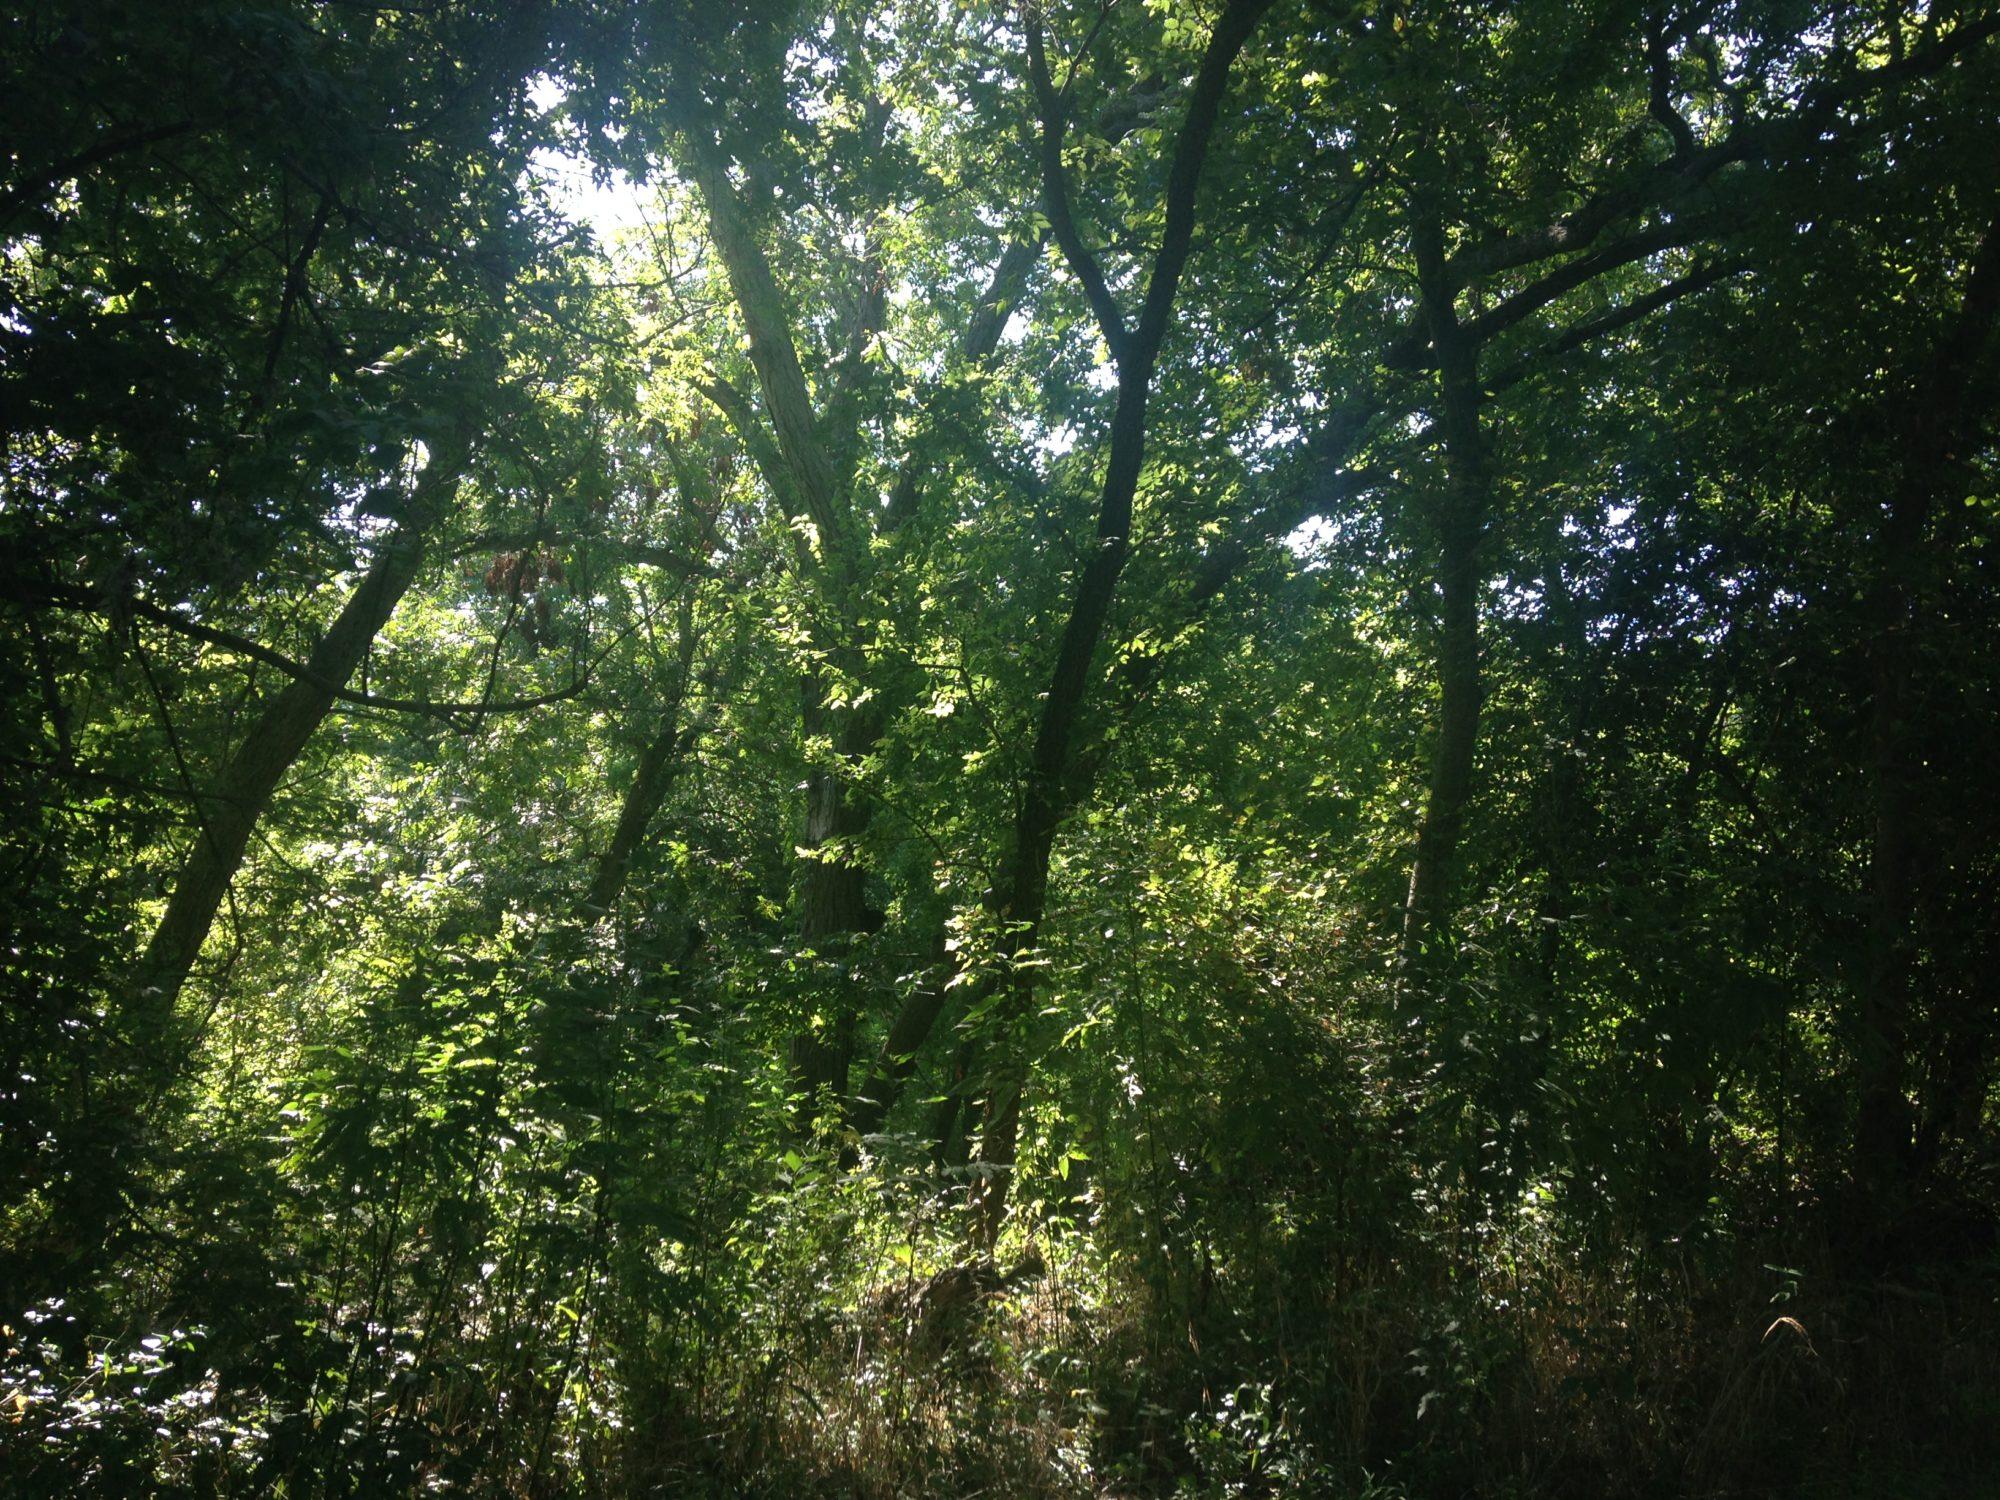 Photo of trees along South Salado Creek Greenway.